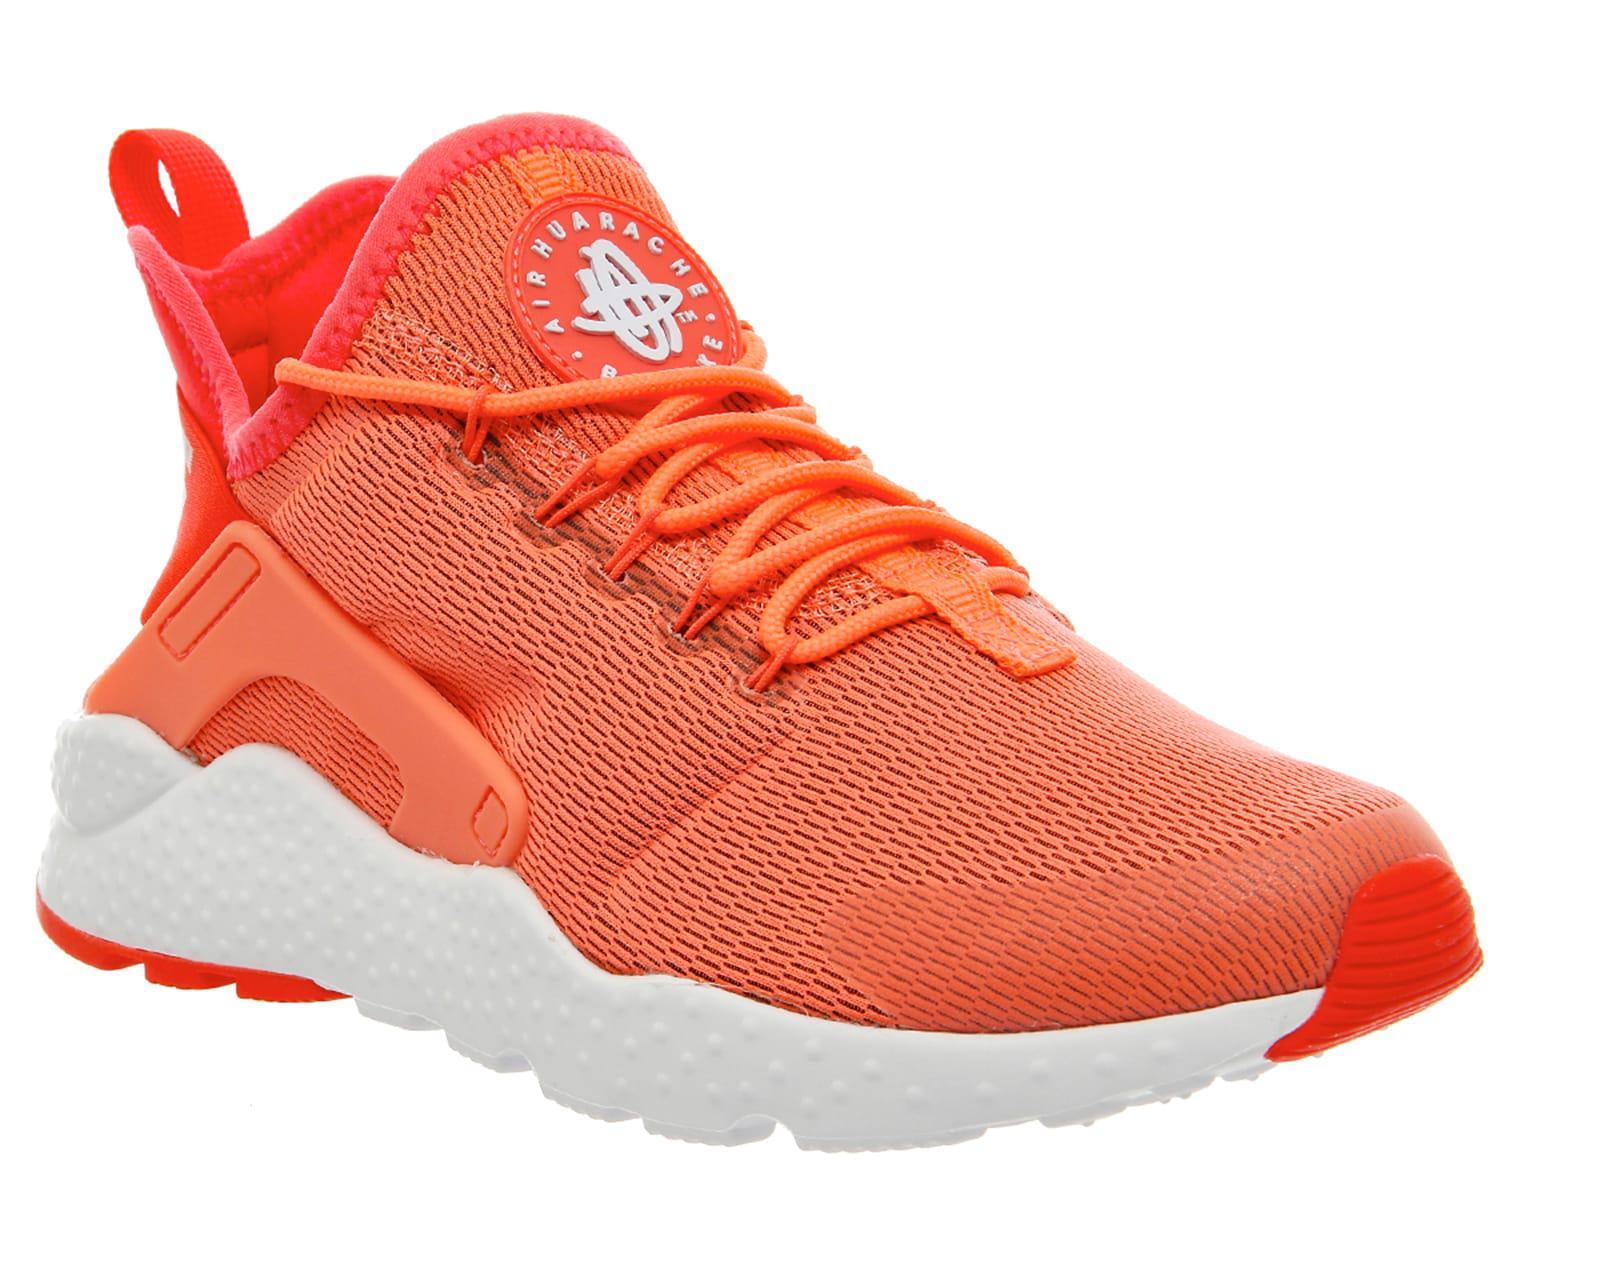 c3254a136d9a Lyst - Nike Air Huarache Run Ultra in Orange